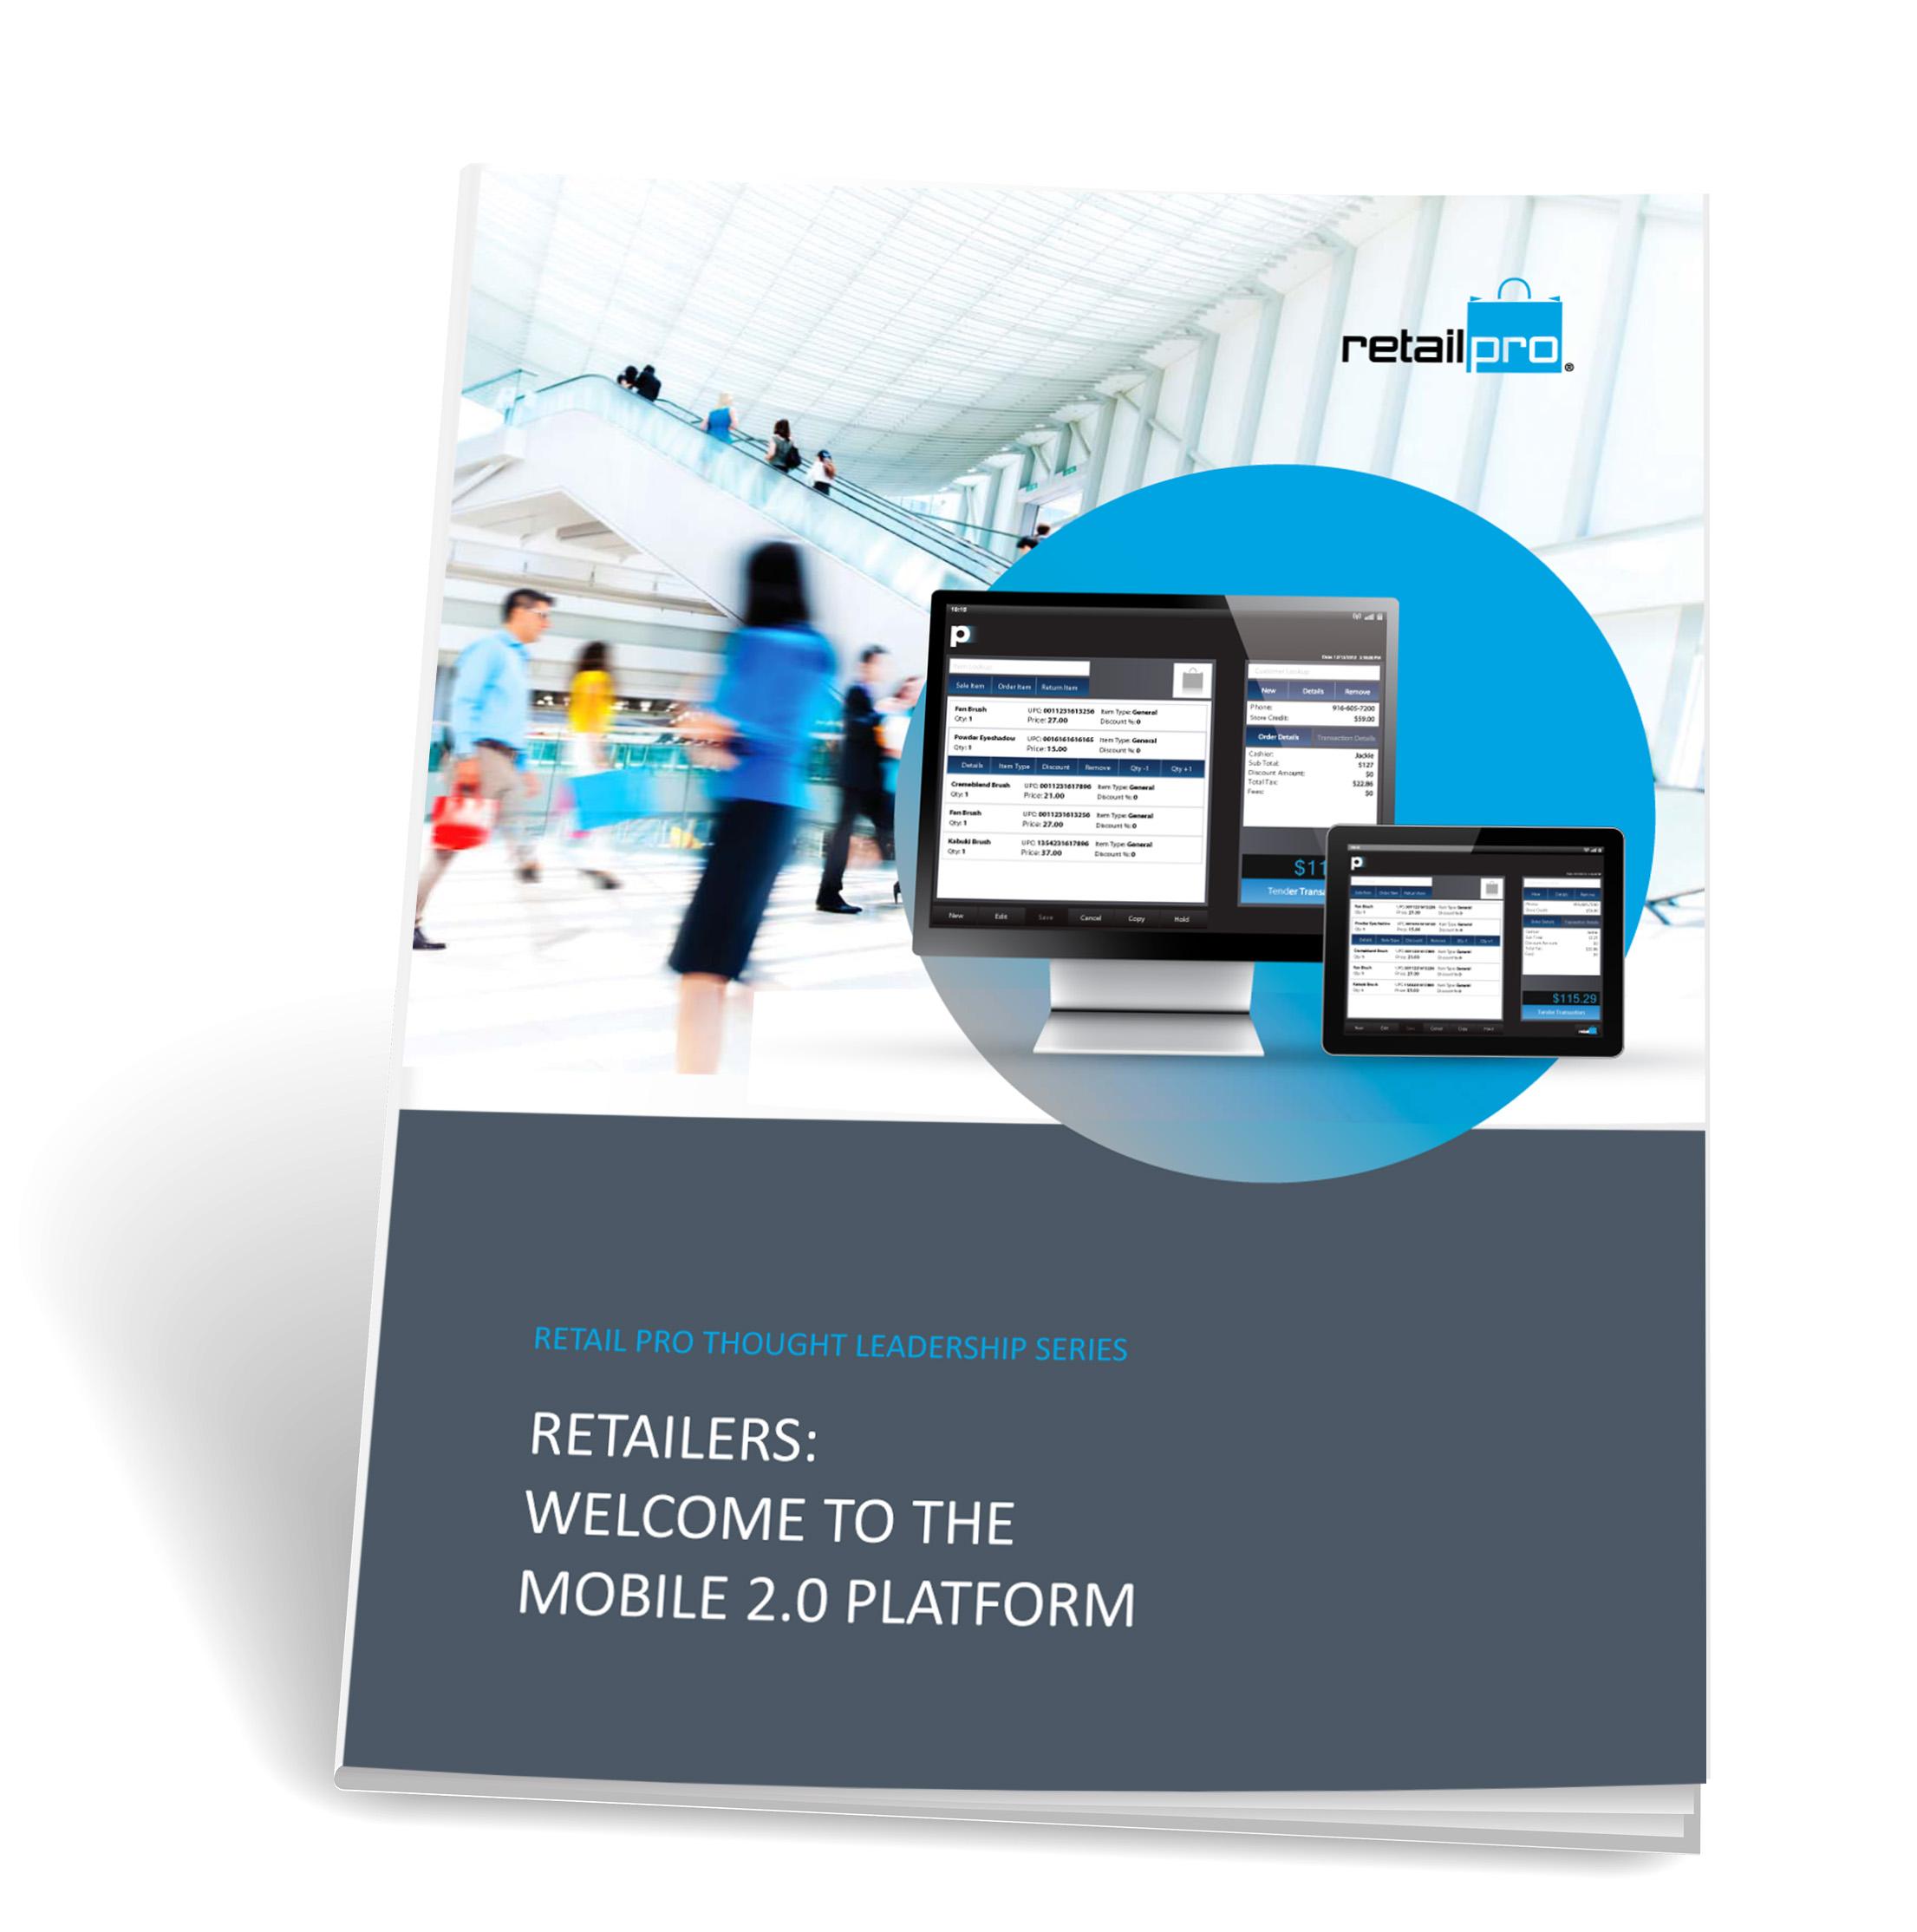 Retail Pro Mobile 2.0 Platform whitepaper